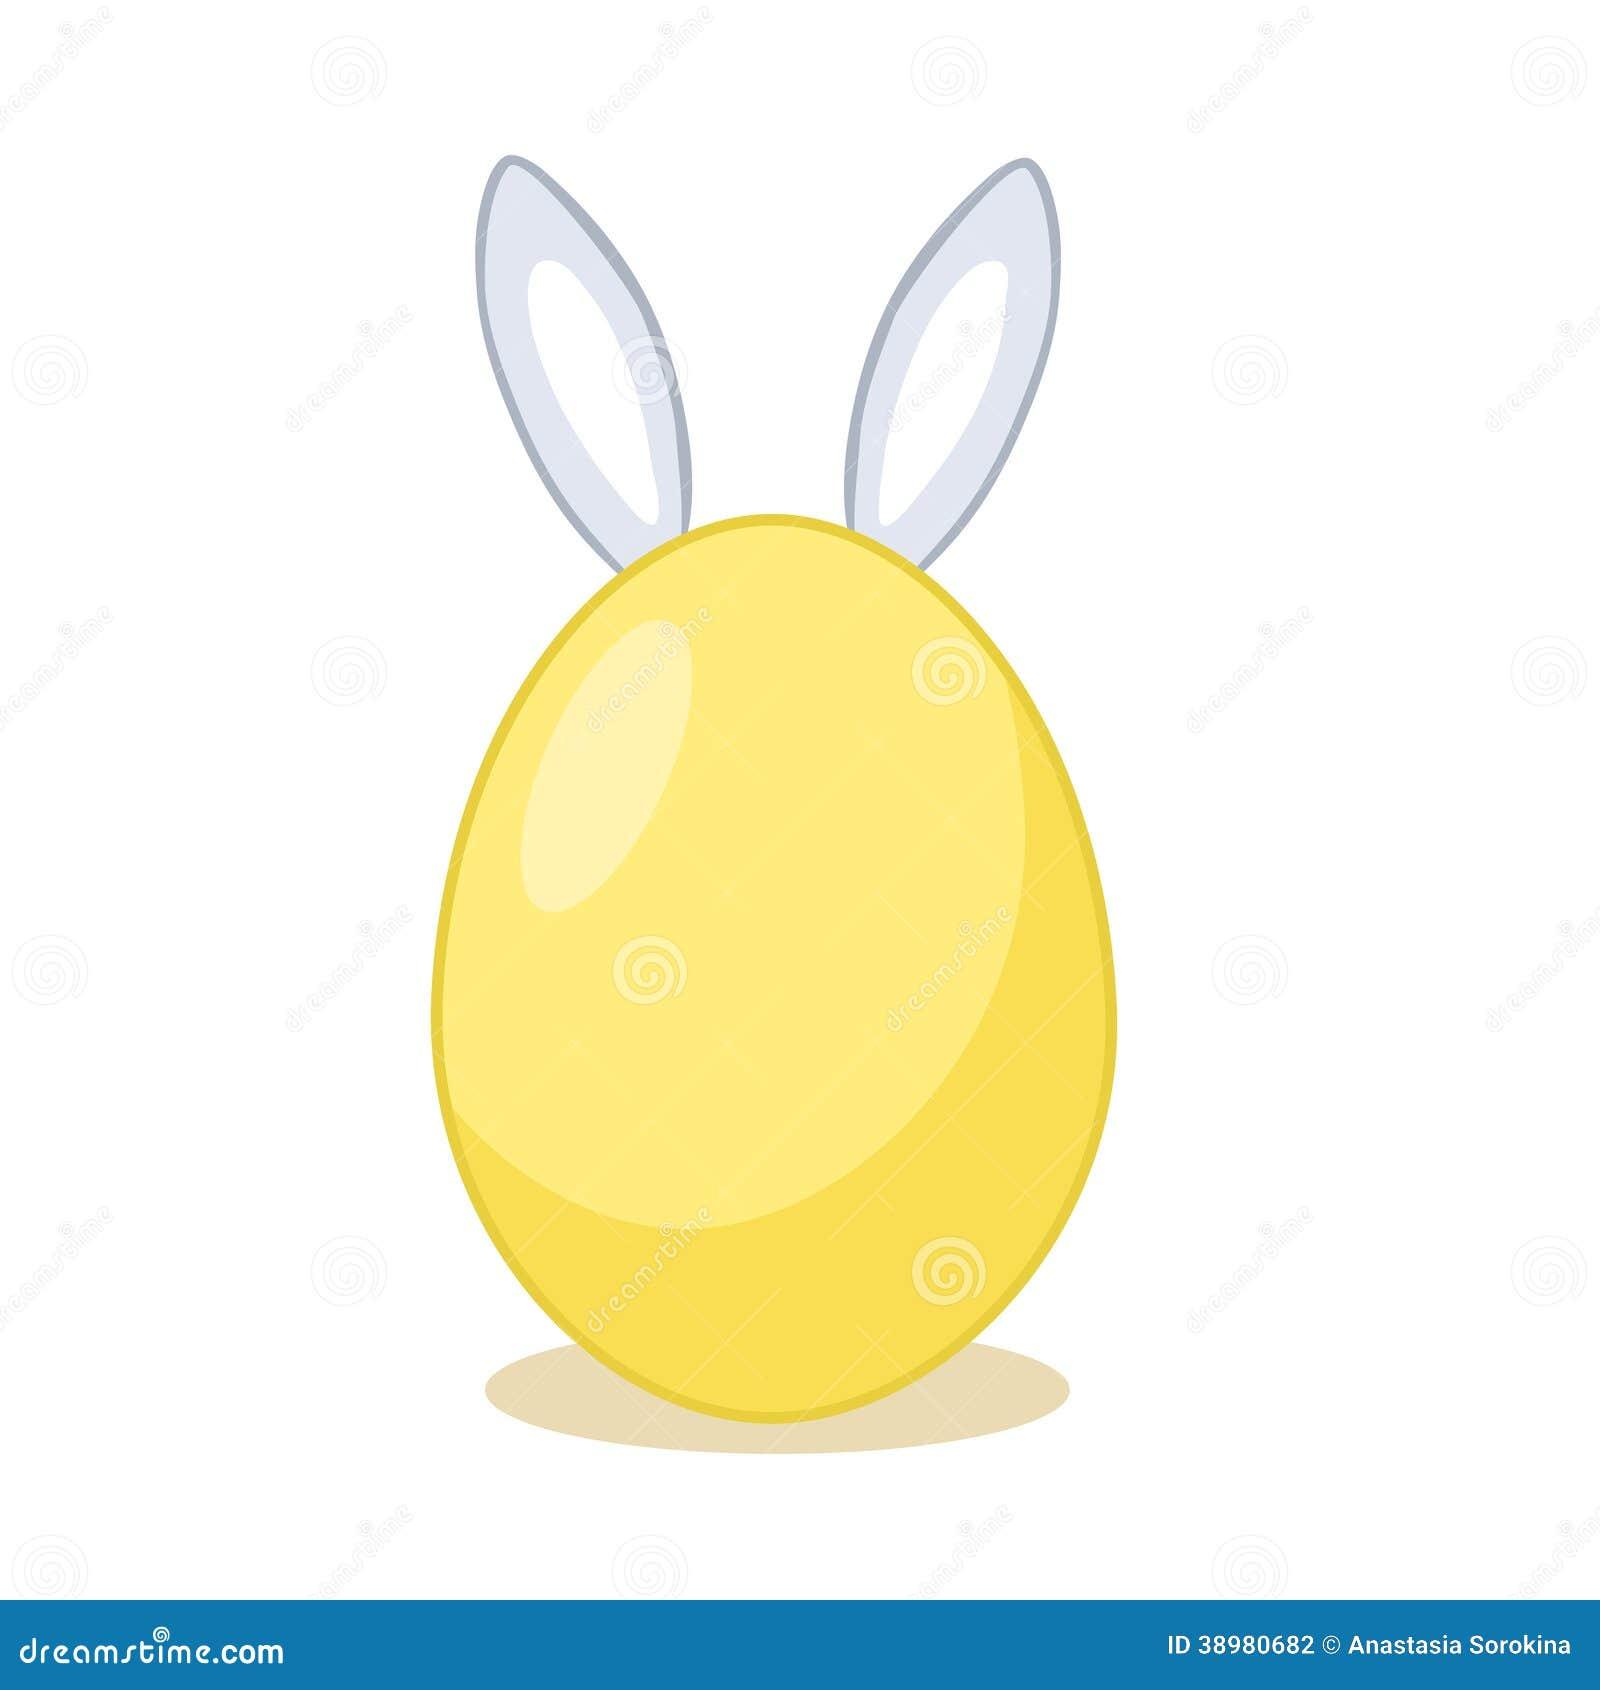 Bunny Ears Headband Clip Art Easter egg with bunny ears